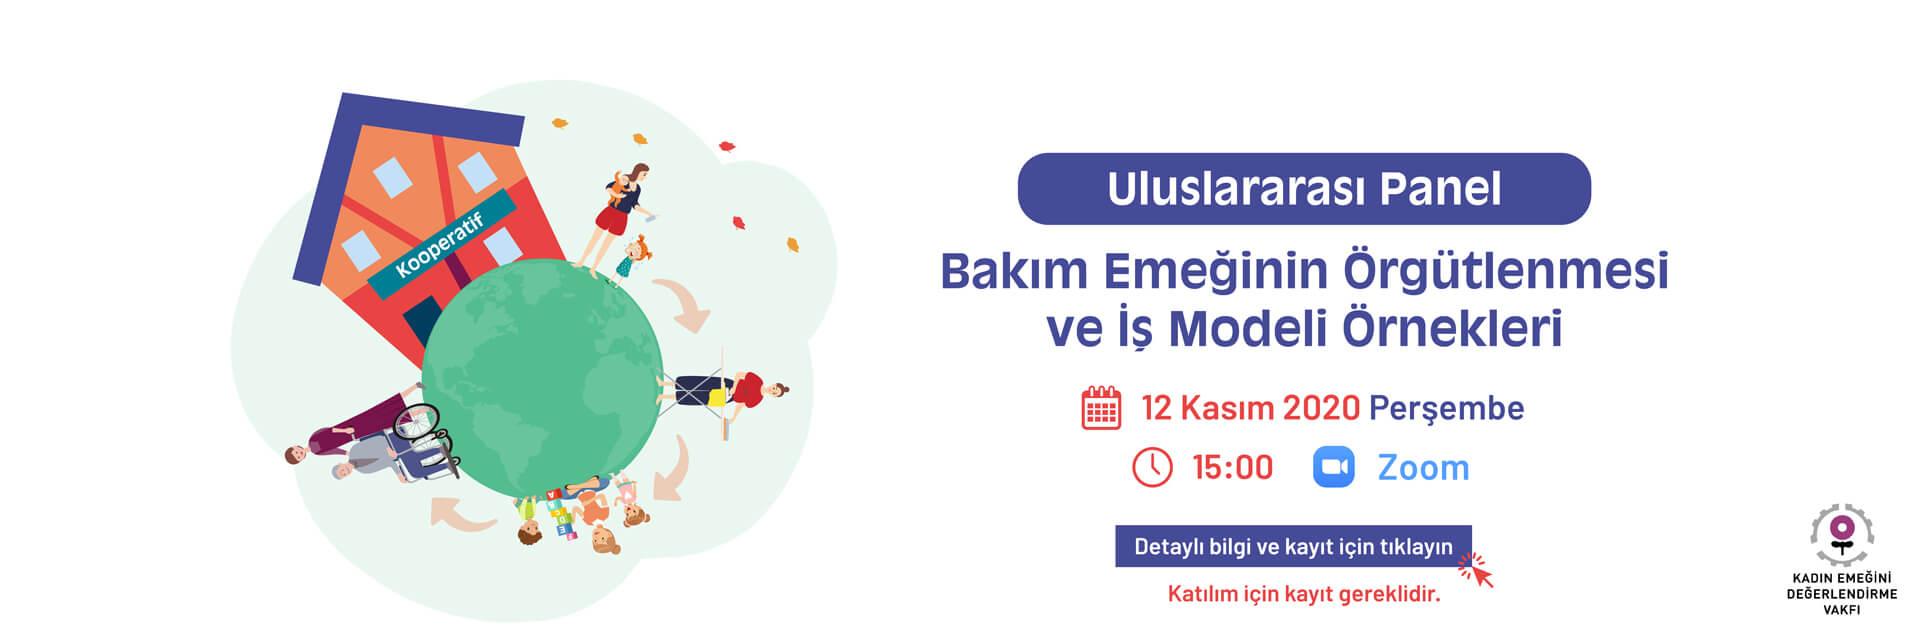 Bakım Emeğinin Örgütlenmesi ve İş Modeli Örnekleri Paneli - 12 Kasım 2020